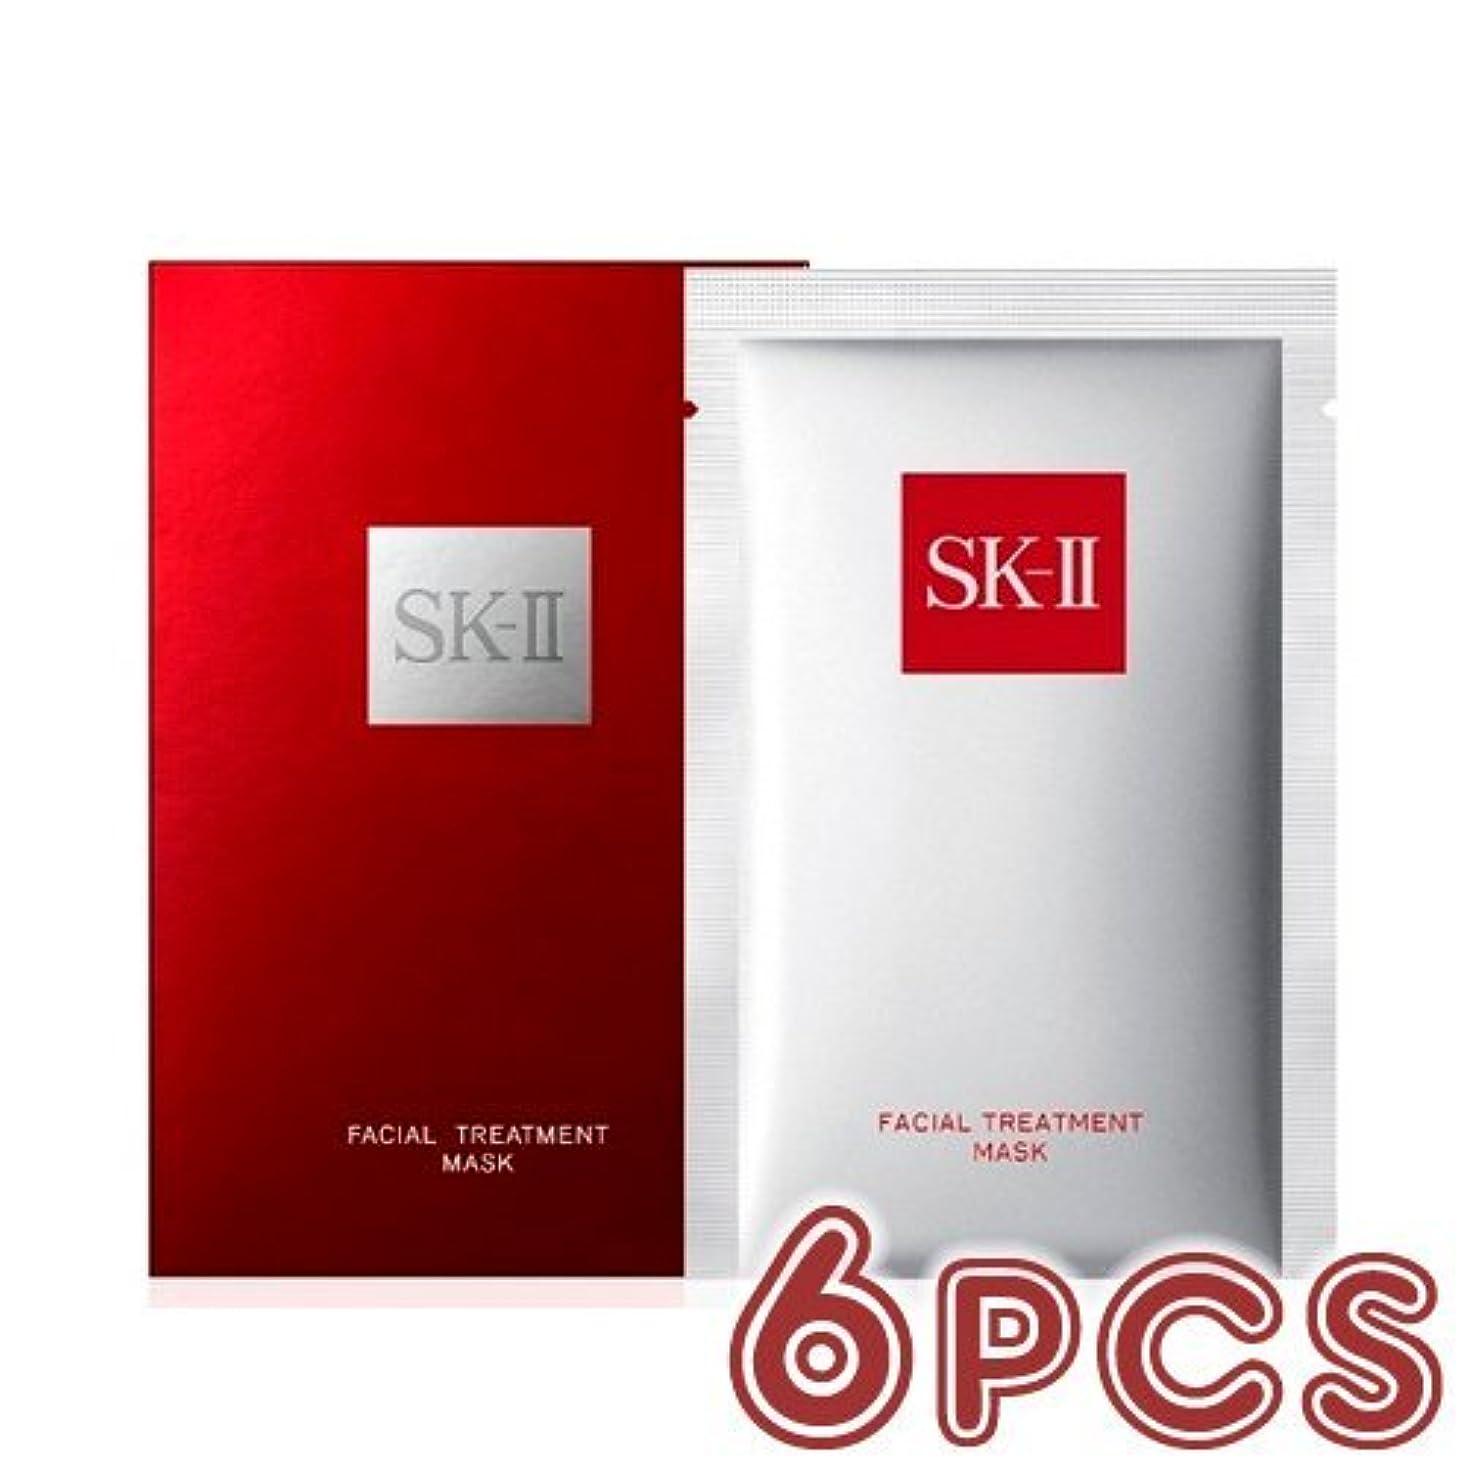 想像力風味ビバ【SK-II】 SK-II フェイシャル トリートメント マスク(6枚入) [並行輸入品]